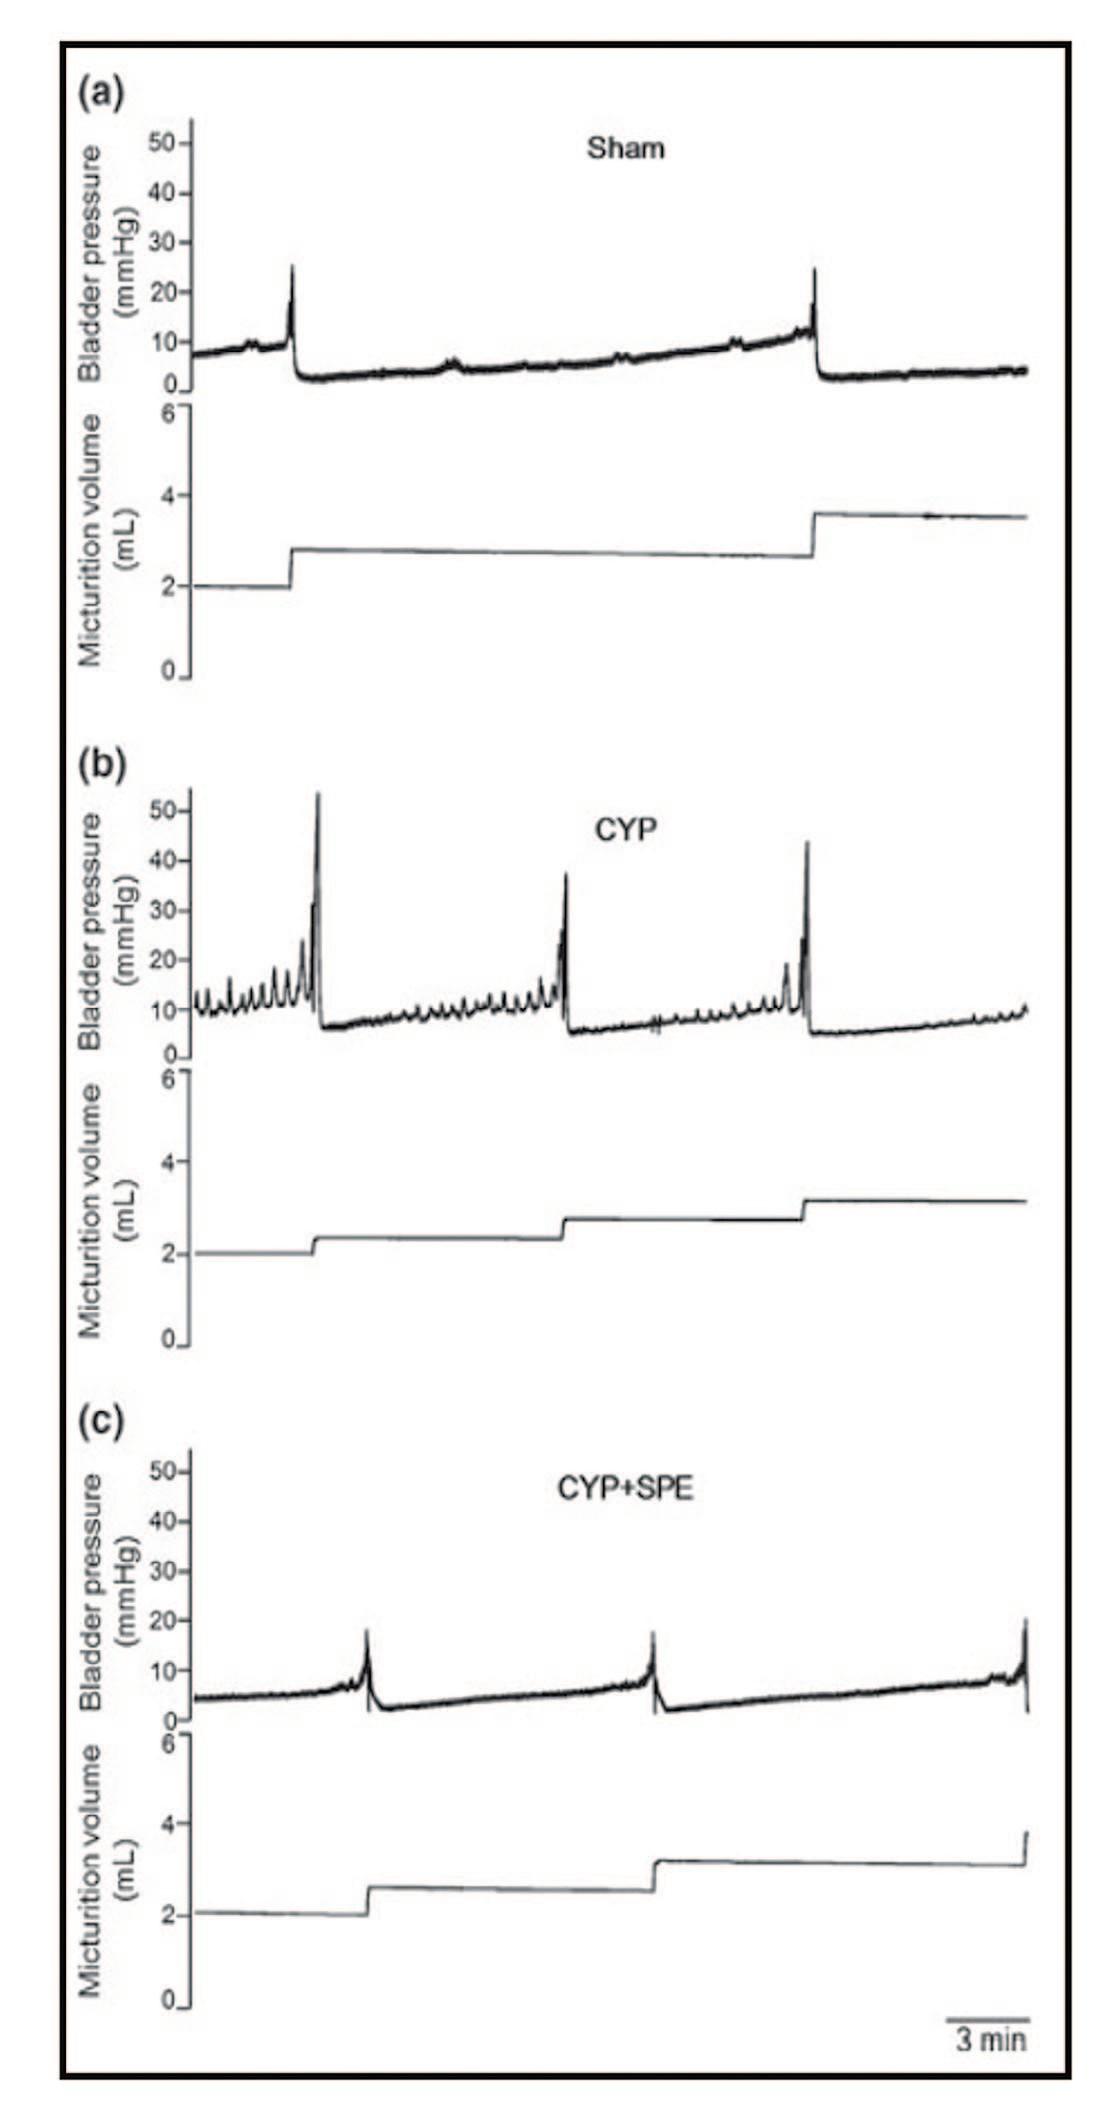 Результаты цистометрии у крыс, получавших плацебо (а), с индуцированным циститом (b) и получавших SRE (с) [40].